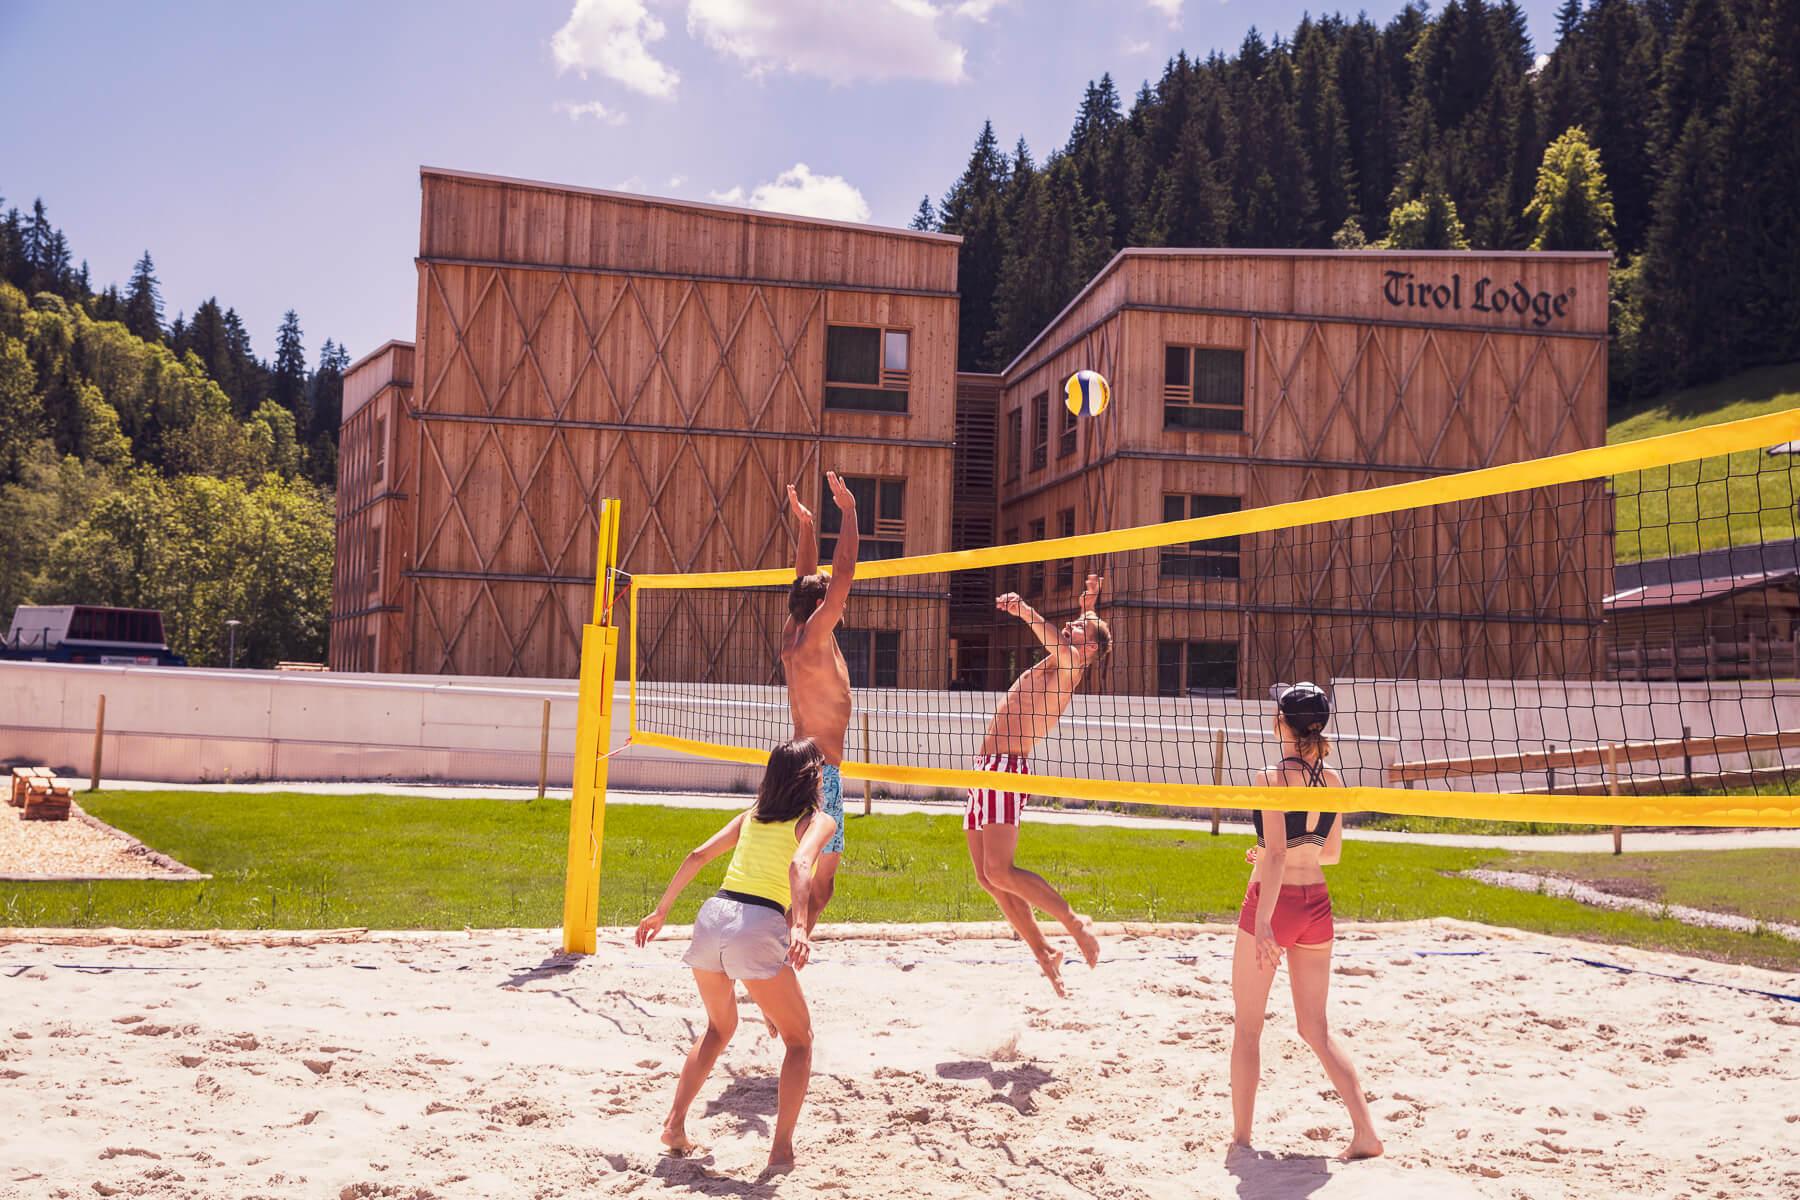 Zwei Paerchen beim Beach Volleyball spielen. Fotograf Derek Henthorn